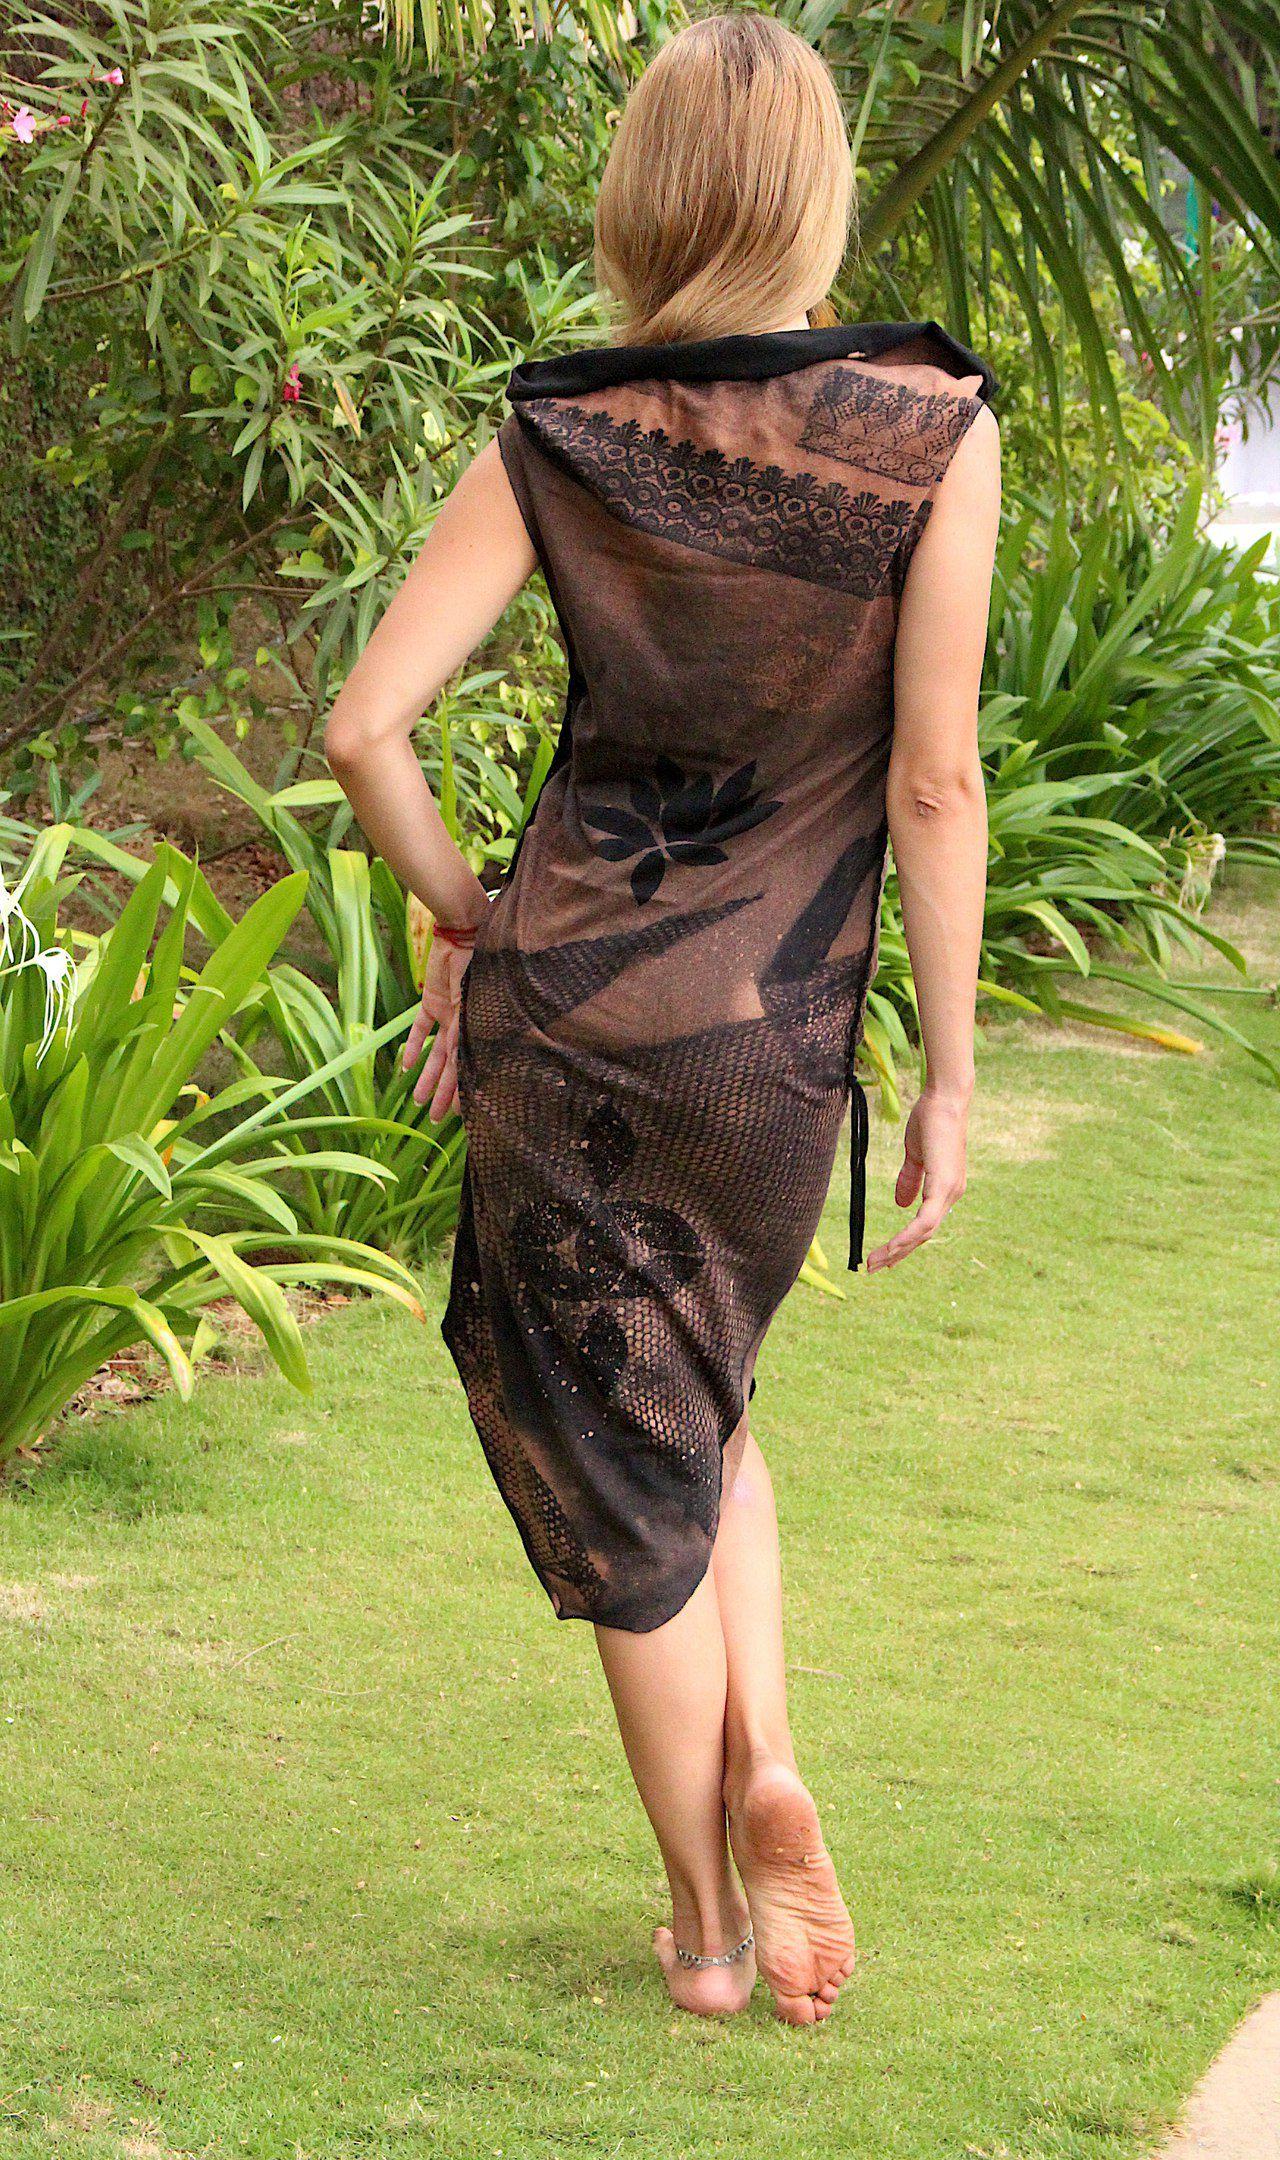 принт сарафан хомут натуральное платье туника черный красивоеплатье летнееплатье москва черноеплатье купить коричневый легкоеплатье лодочка безрукава спринтом